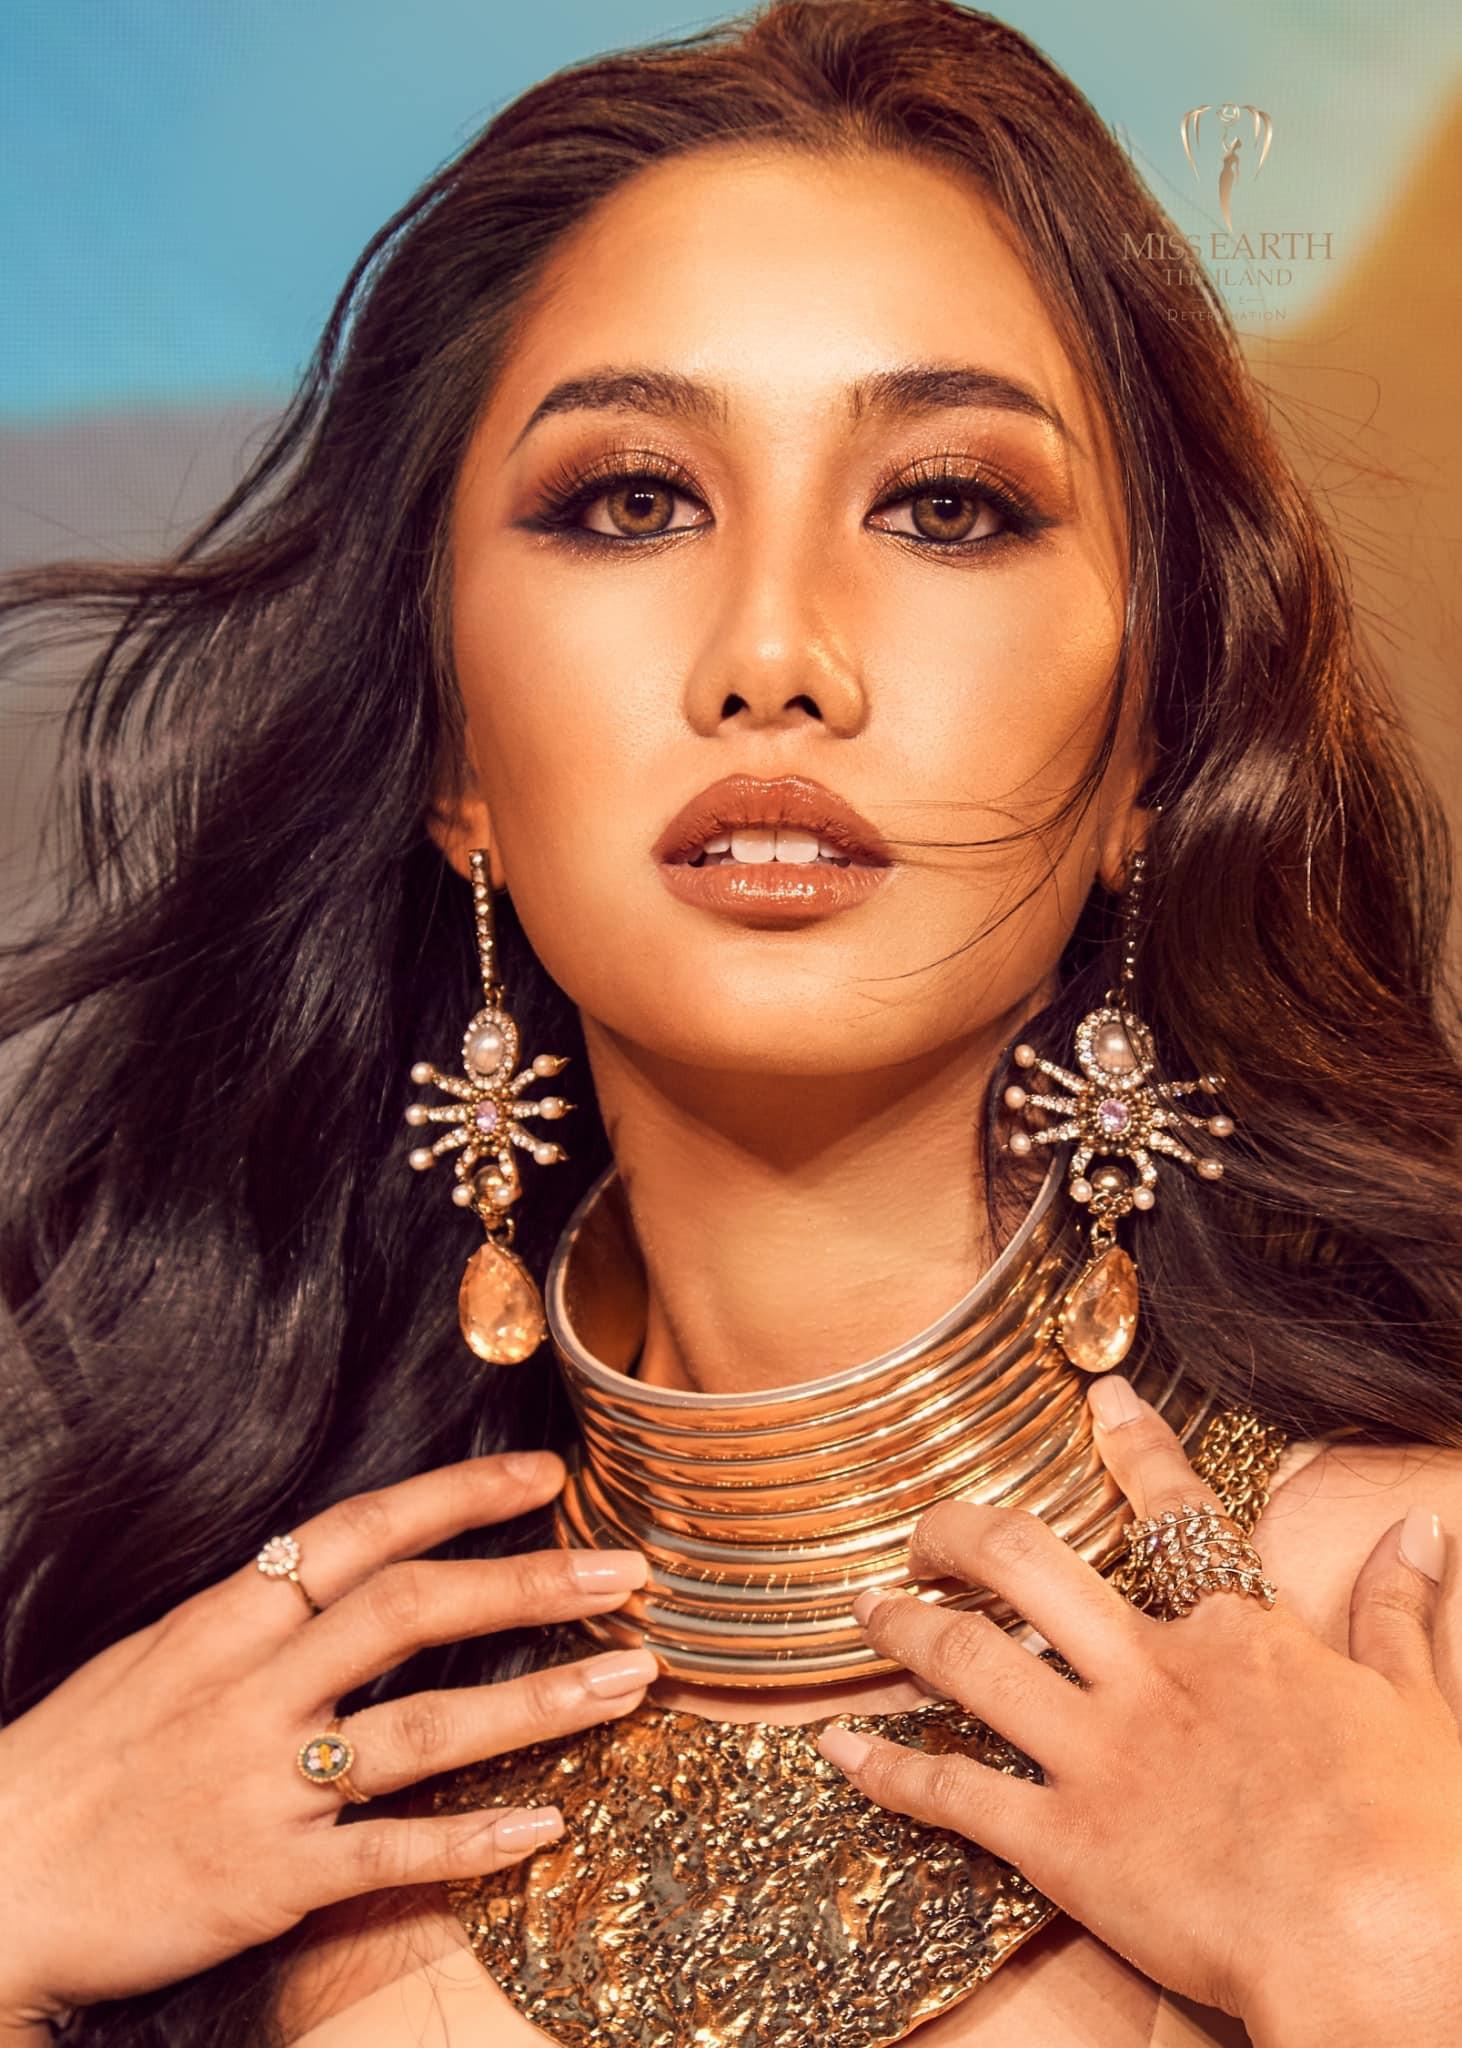 candidatas a miss earth thailand 2021. final: 25 sep. - Página 5 RN649f